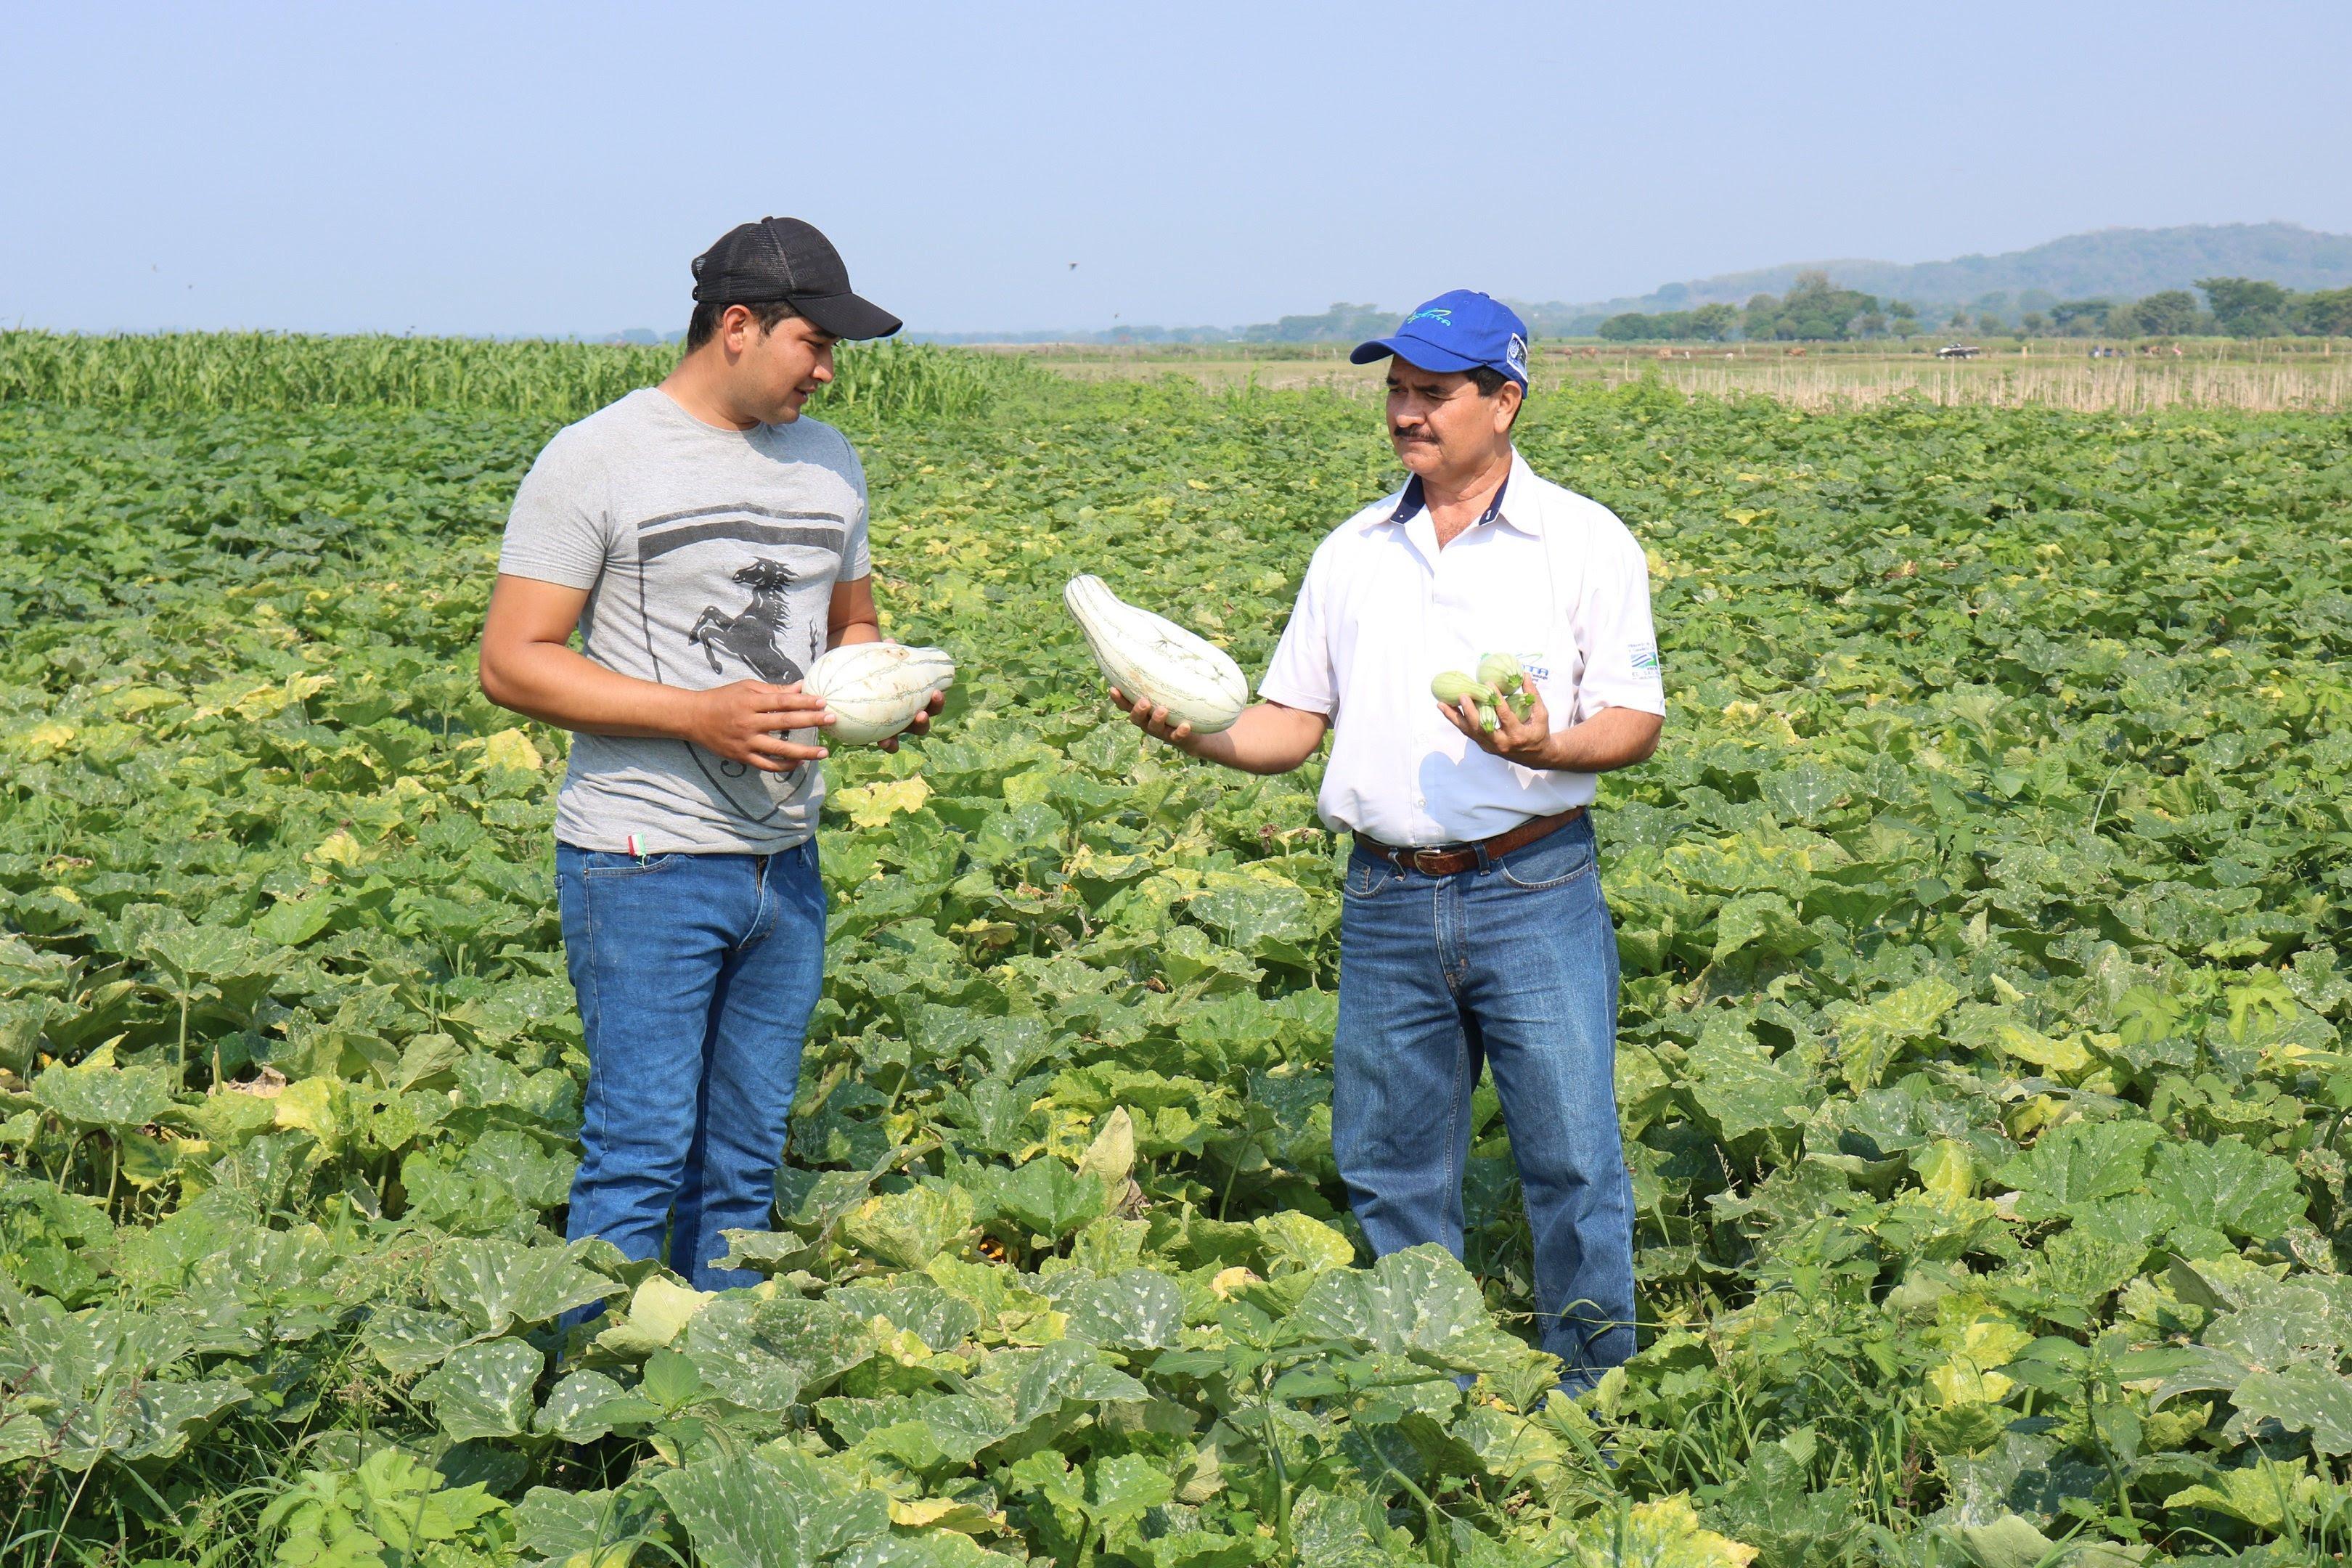 UN JOVEN ORGULLOSO DE TRABAJAR EN LA AGRICULTURA Y DE PRODUCIR SU PROPIA SEMILLA DE PIPIÁN